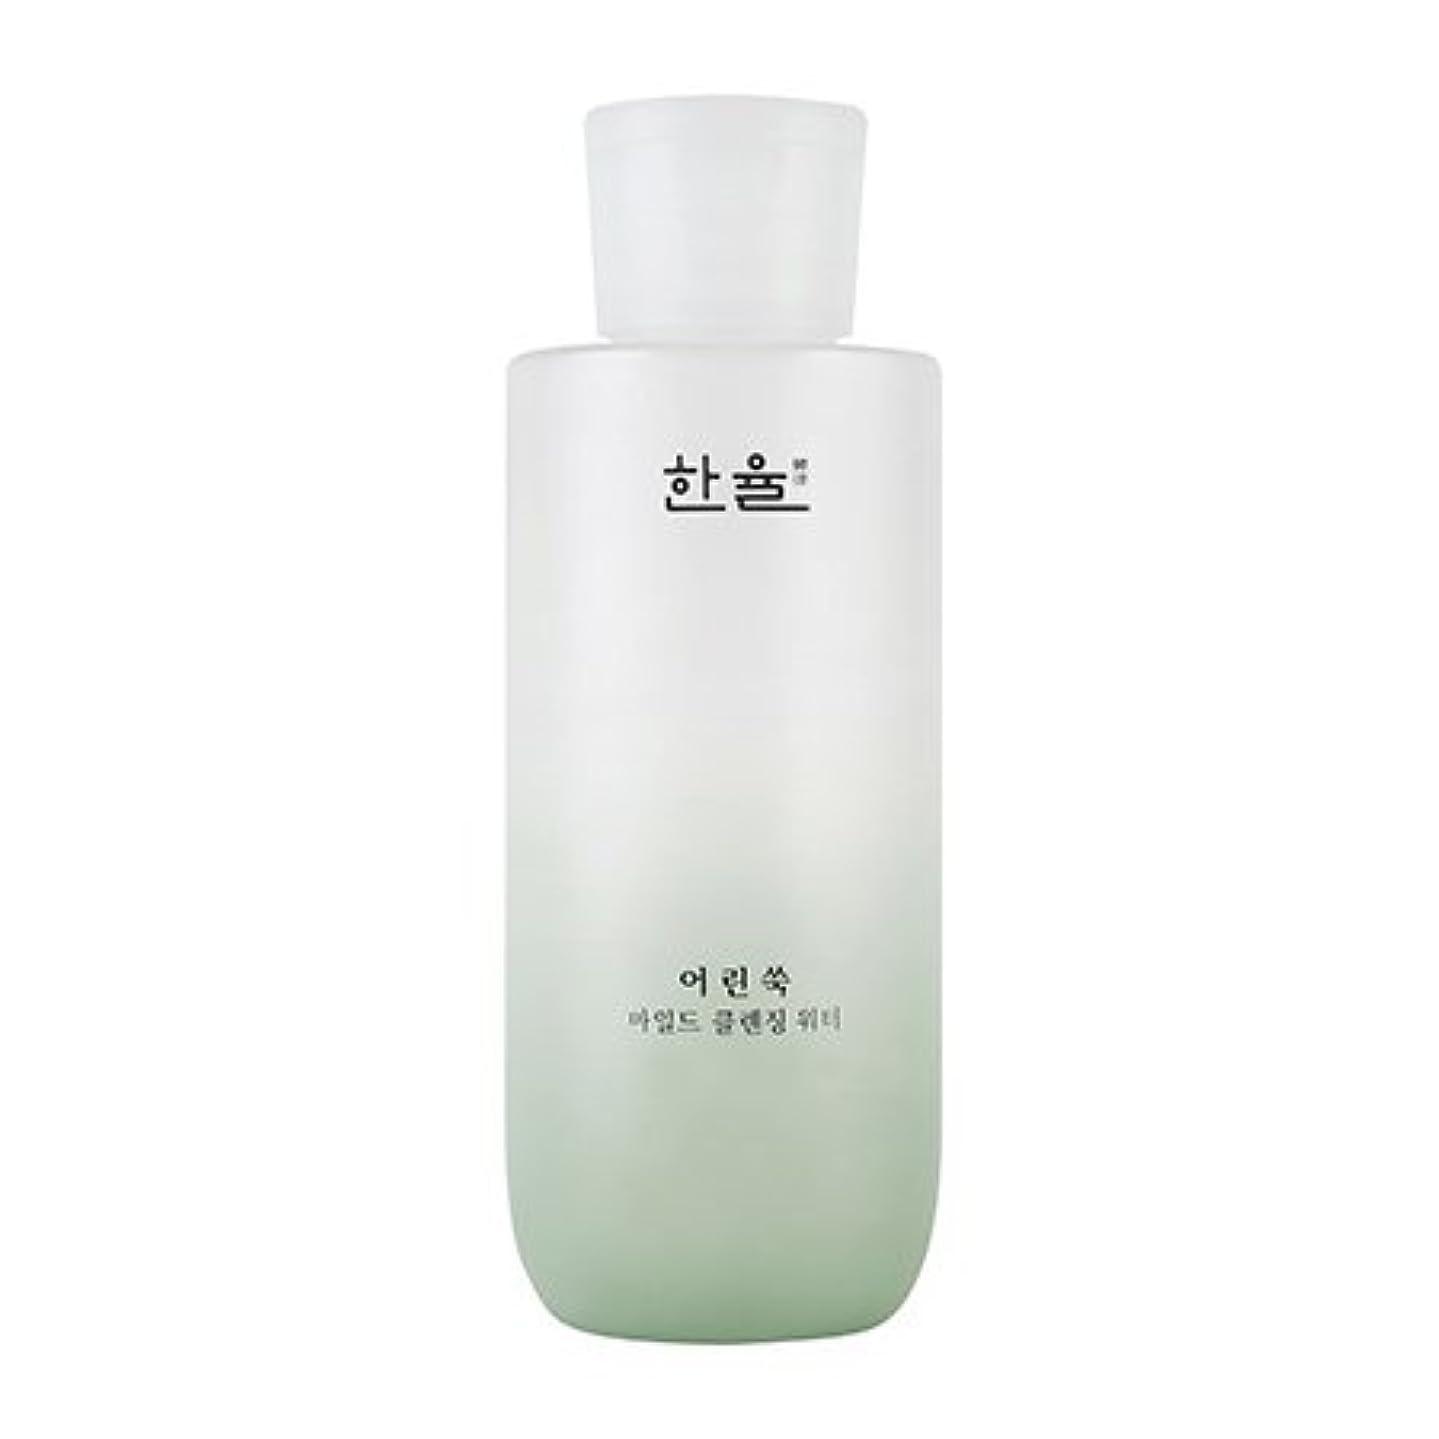 マーケティング吸収行くHANYUL Pure Artemisia Mild Cleansing Water 300ml / ハンユル ピュアアルテミシアマイルド クレンジングウォーター 300ml [並行輸入品]